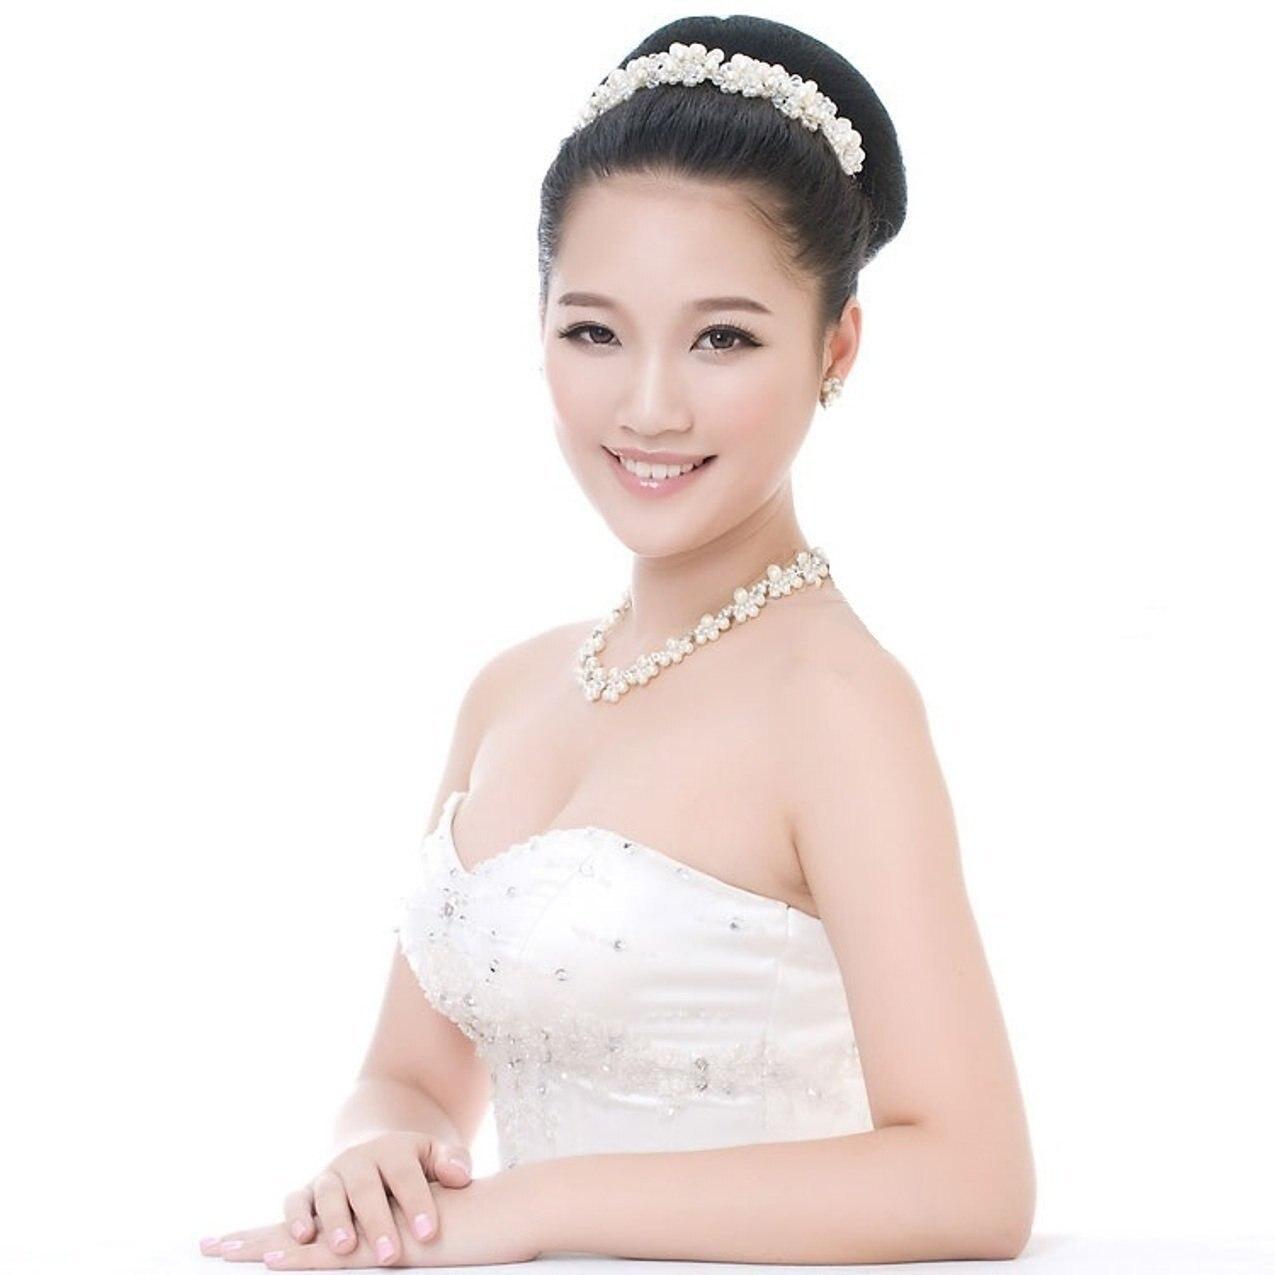 Hochzeit Haarschmuck Für Noiva Braut Kristall Perle Handgemachte - Modeschmuck - Foto 2